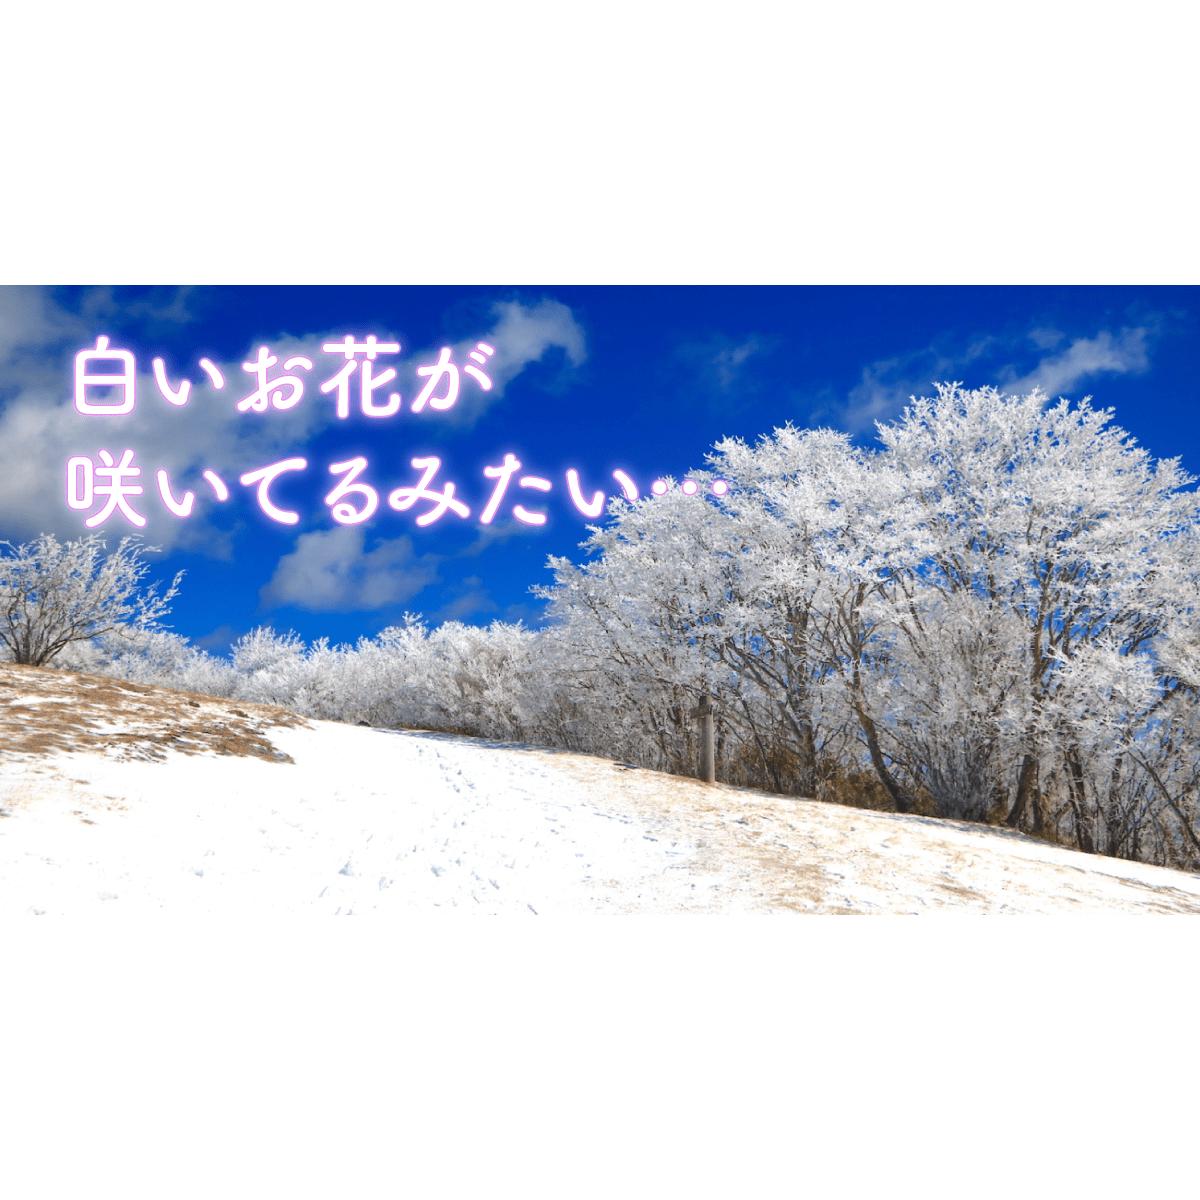 愛知・茶臼山で霧氷鑑賞|幻想的な冬に出合う旅|みんなの旅プラン【旅色】